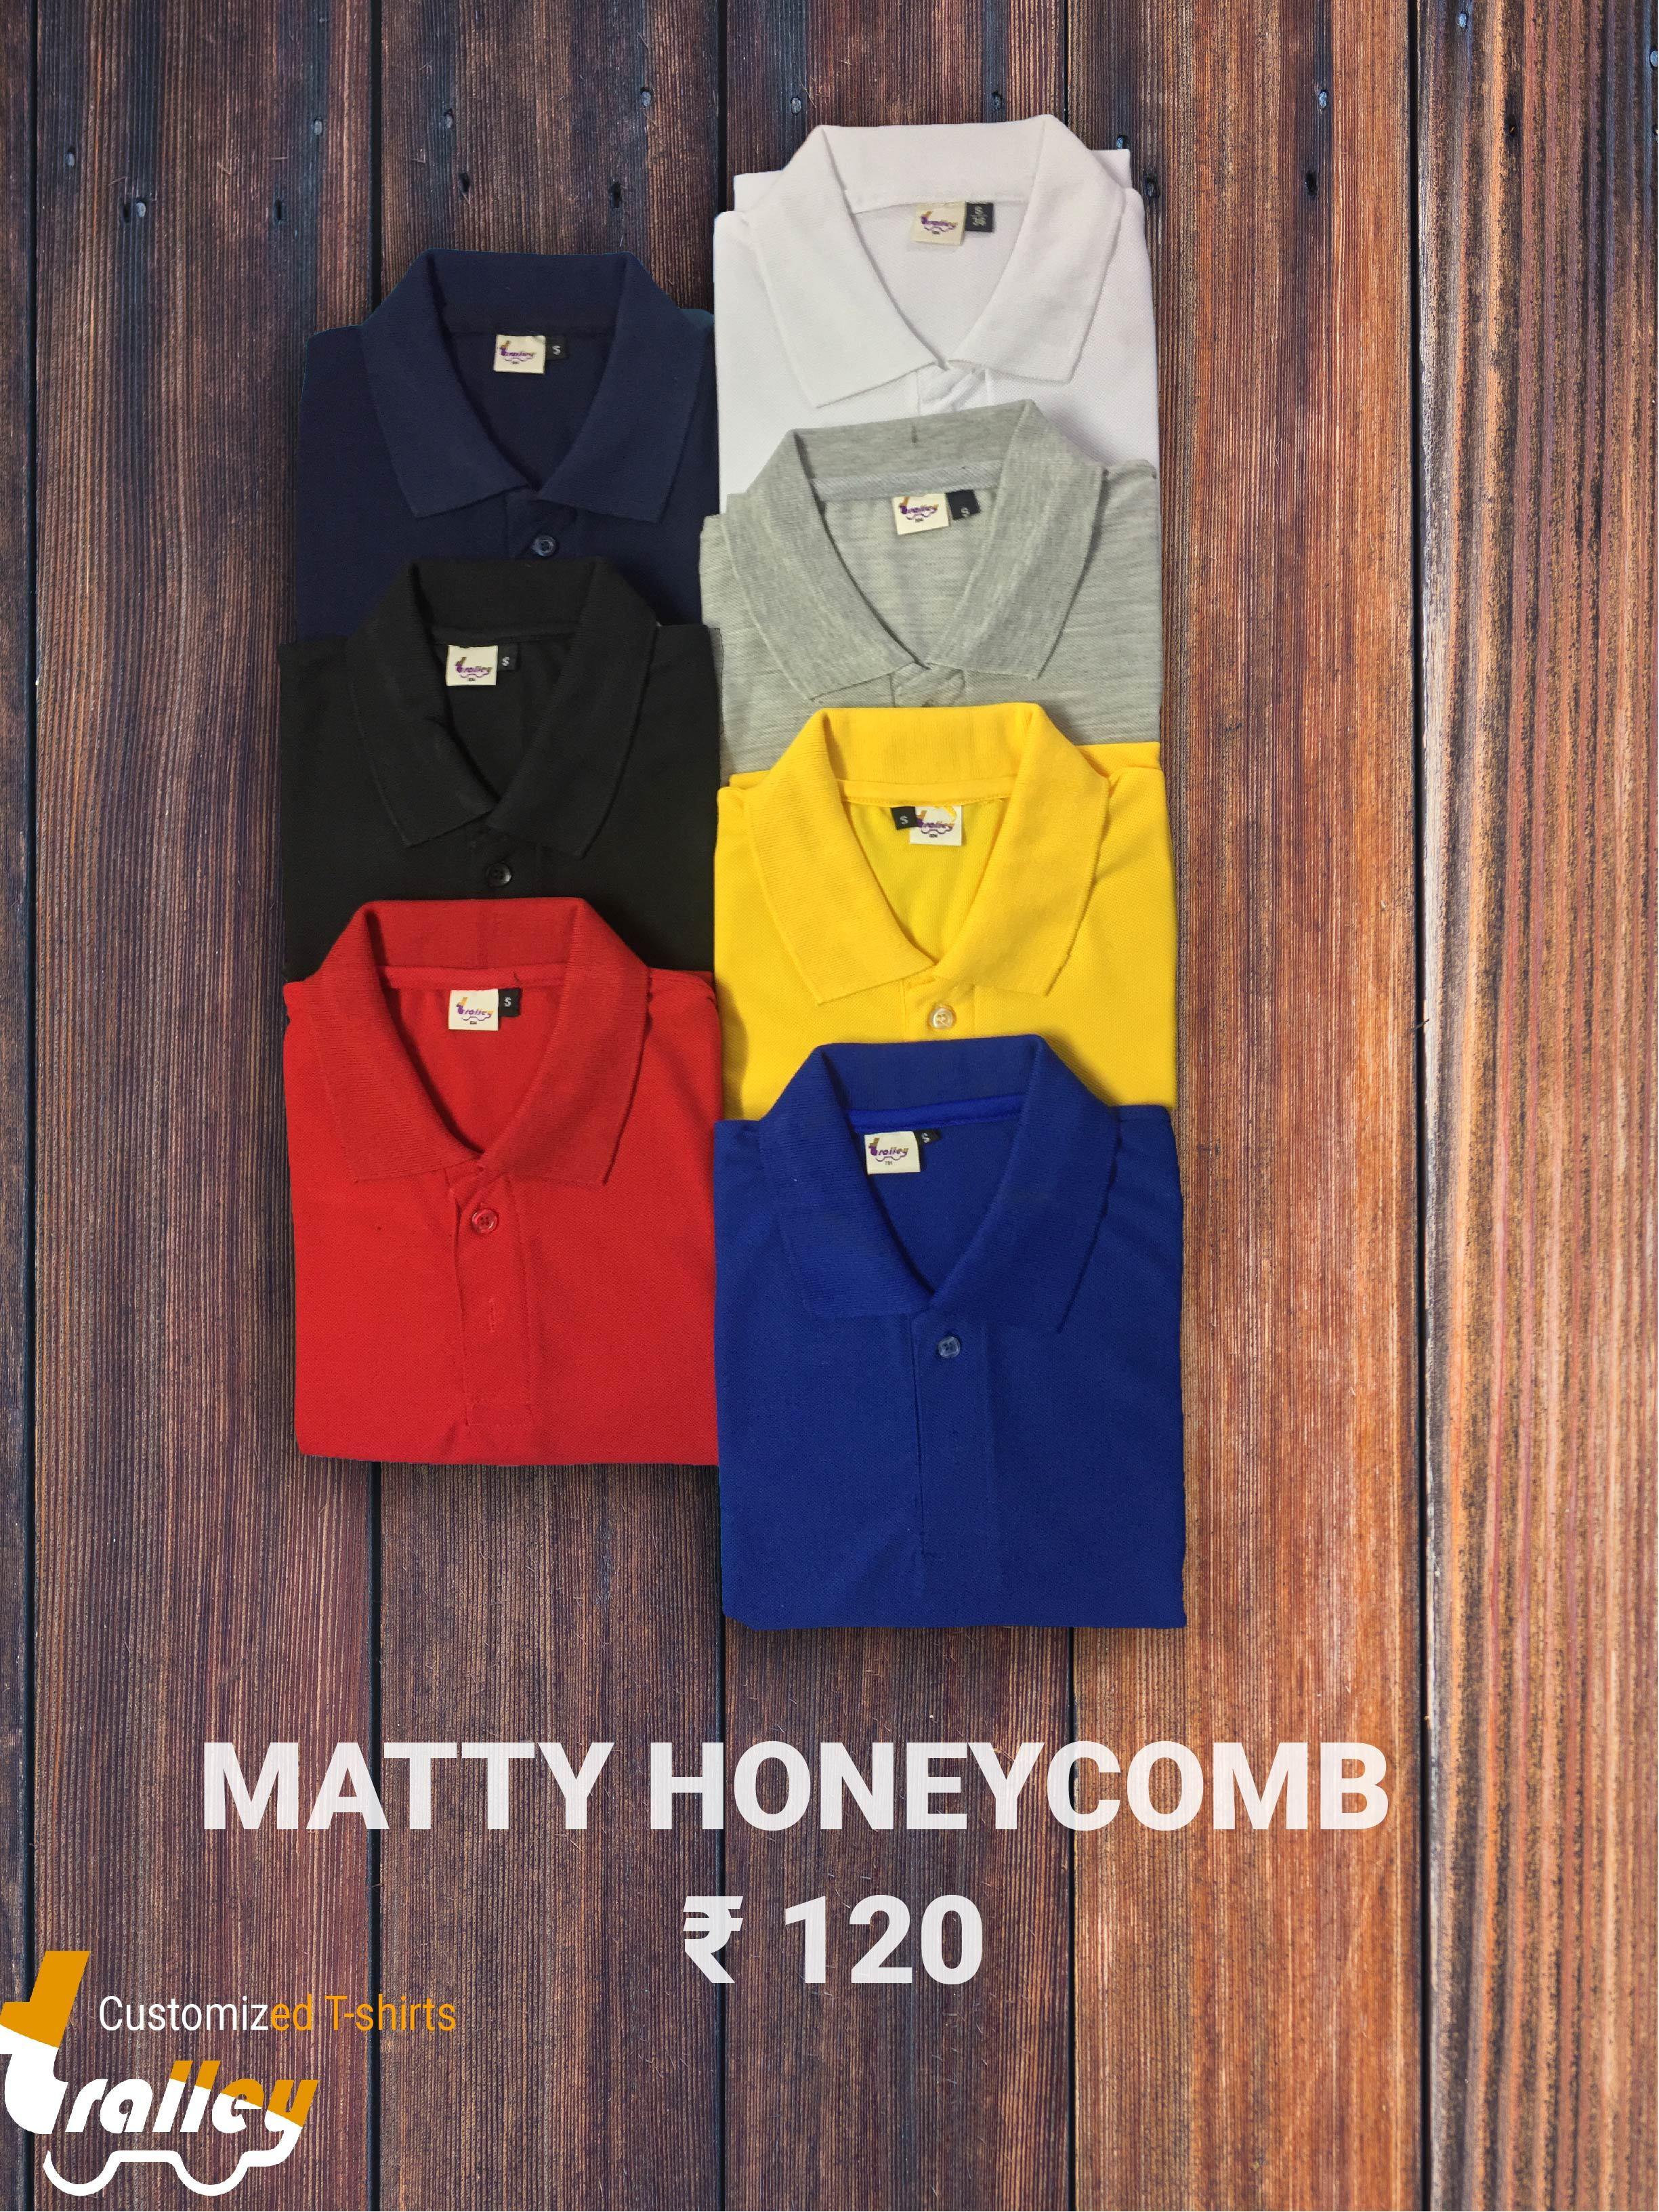 Honeycomb Matty Collar Neck T Shirt